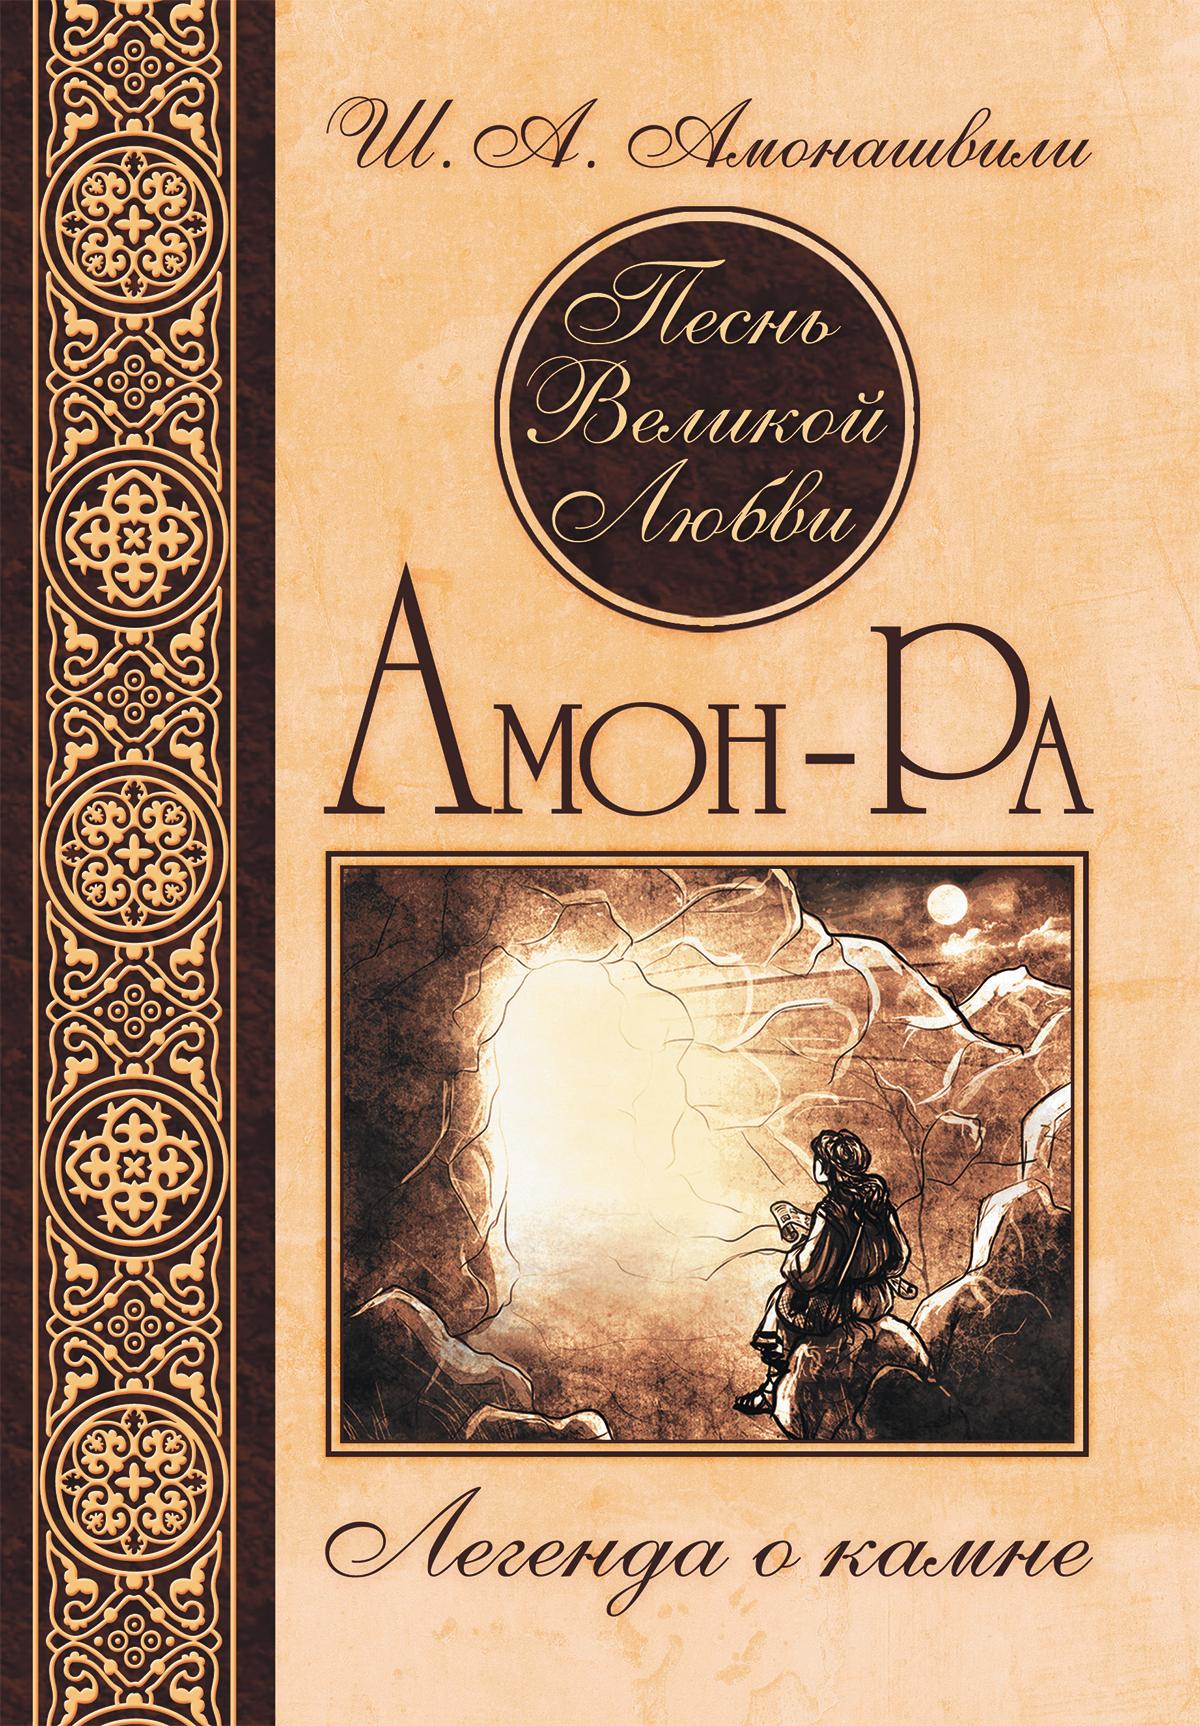 Песнь Великой Любви. Амон-Ра. Легенда о камне. 3-е изд.